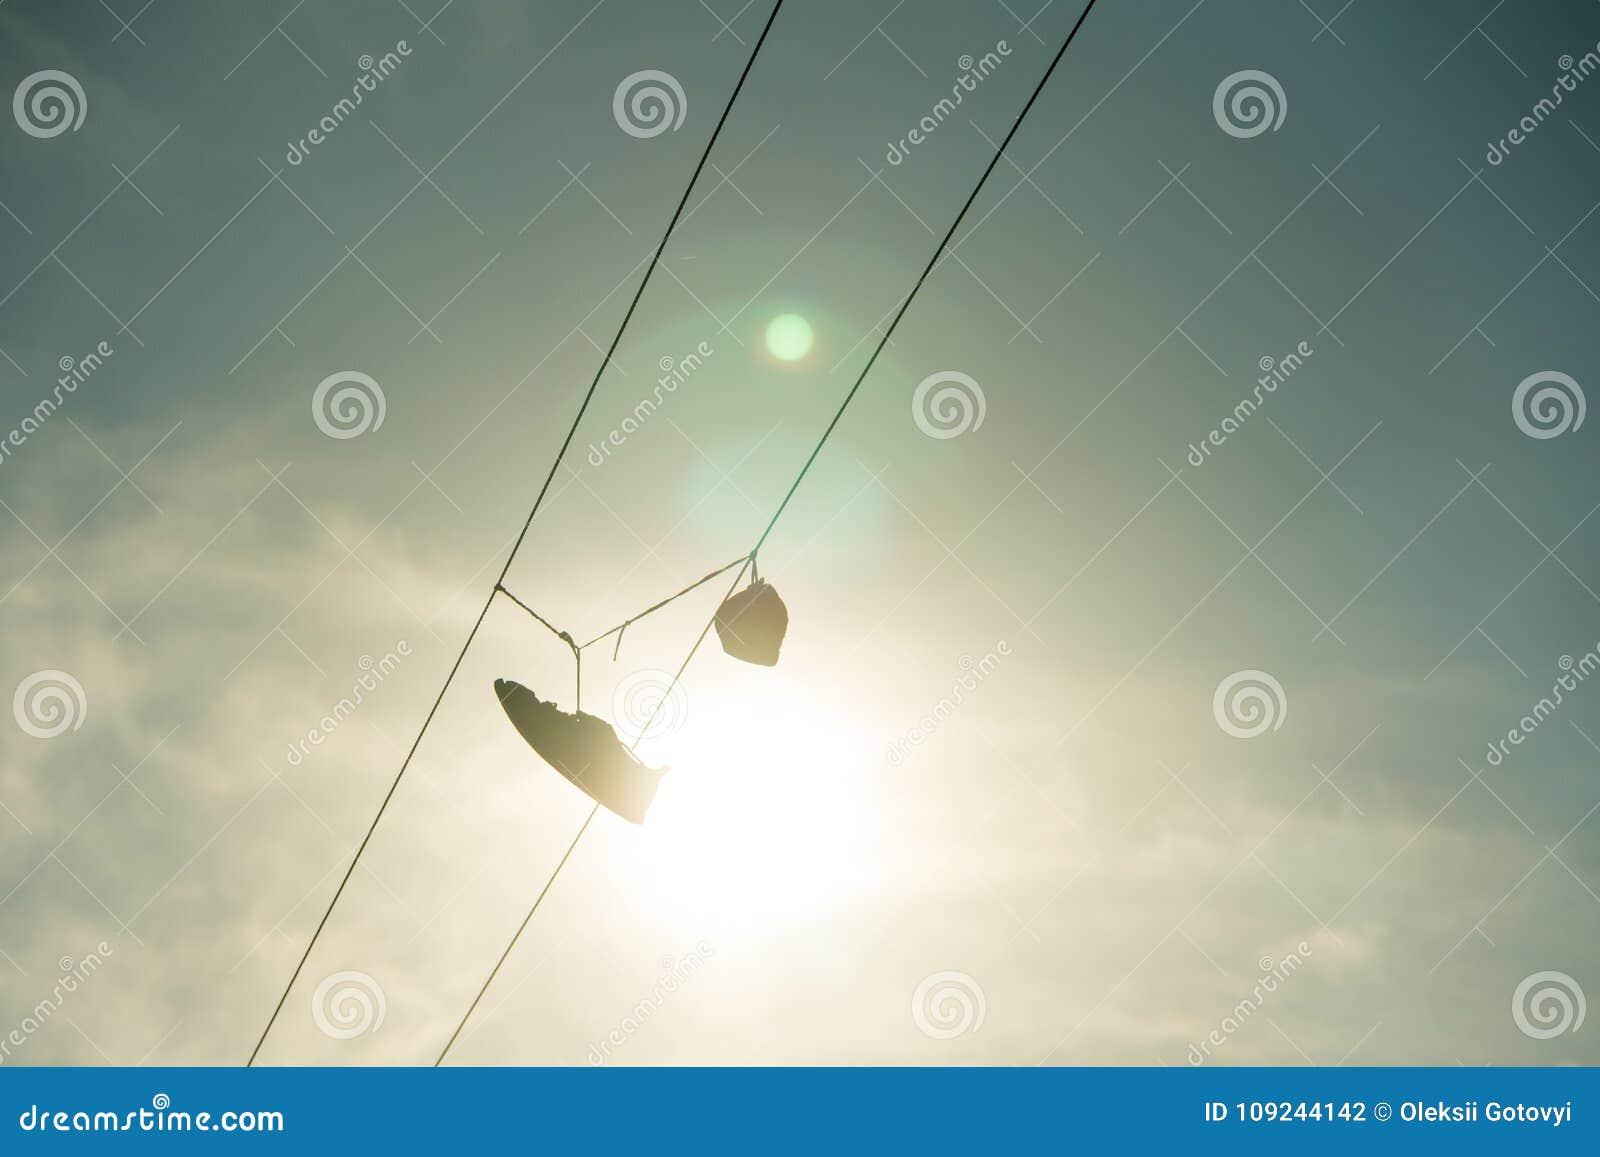 Cable De Las Deporte Zapatillas En La Línea Eléctrica Cuelgan pGSMVqzLU